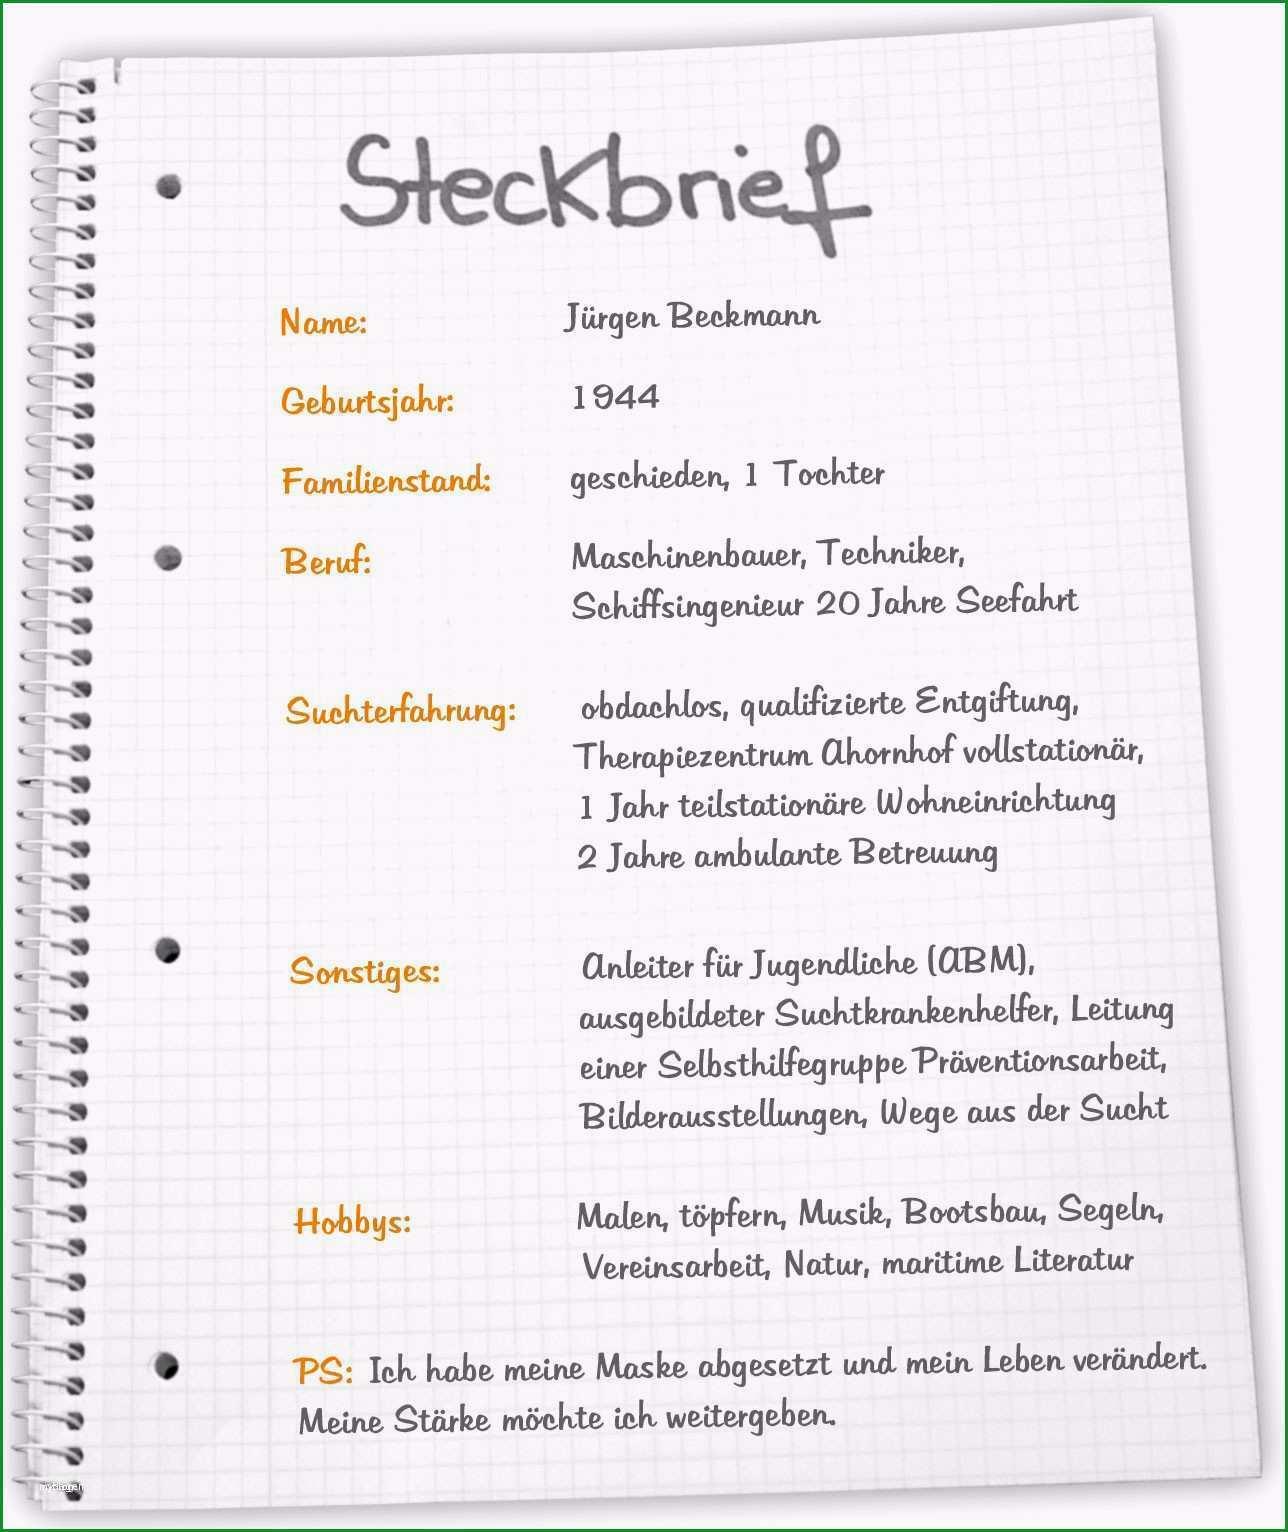 lustiger steckbrief vorlage inspiration steckbrief erzieherin kindergarten vorlage vorlagen 1001